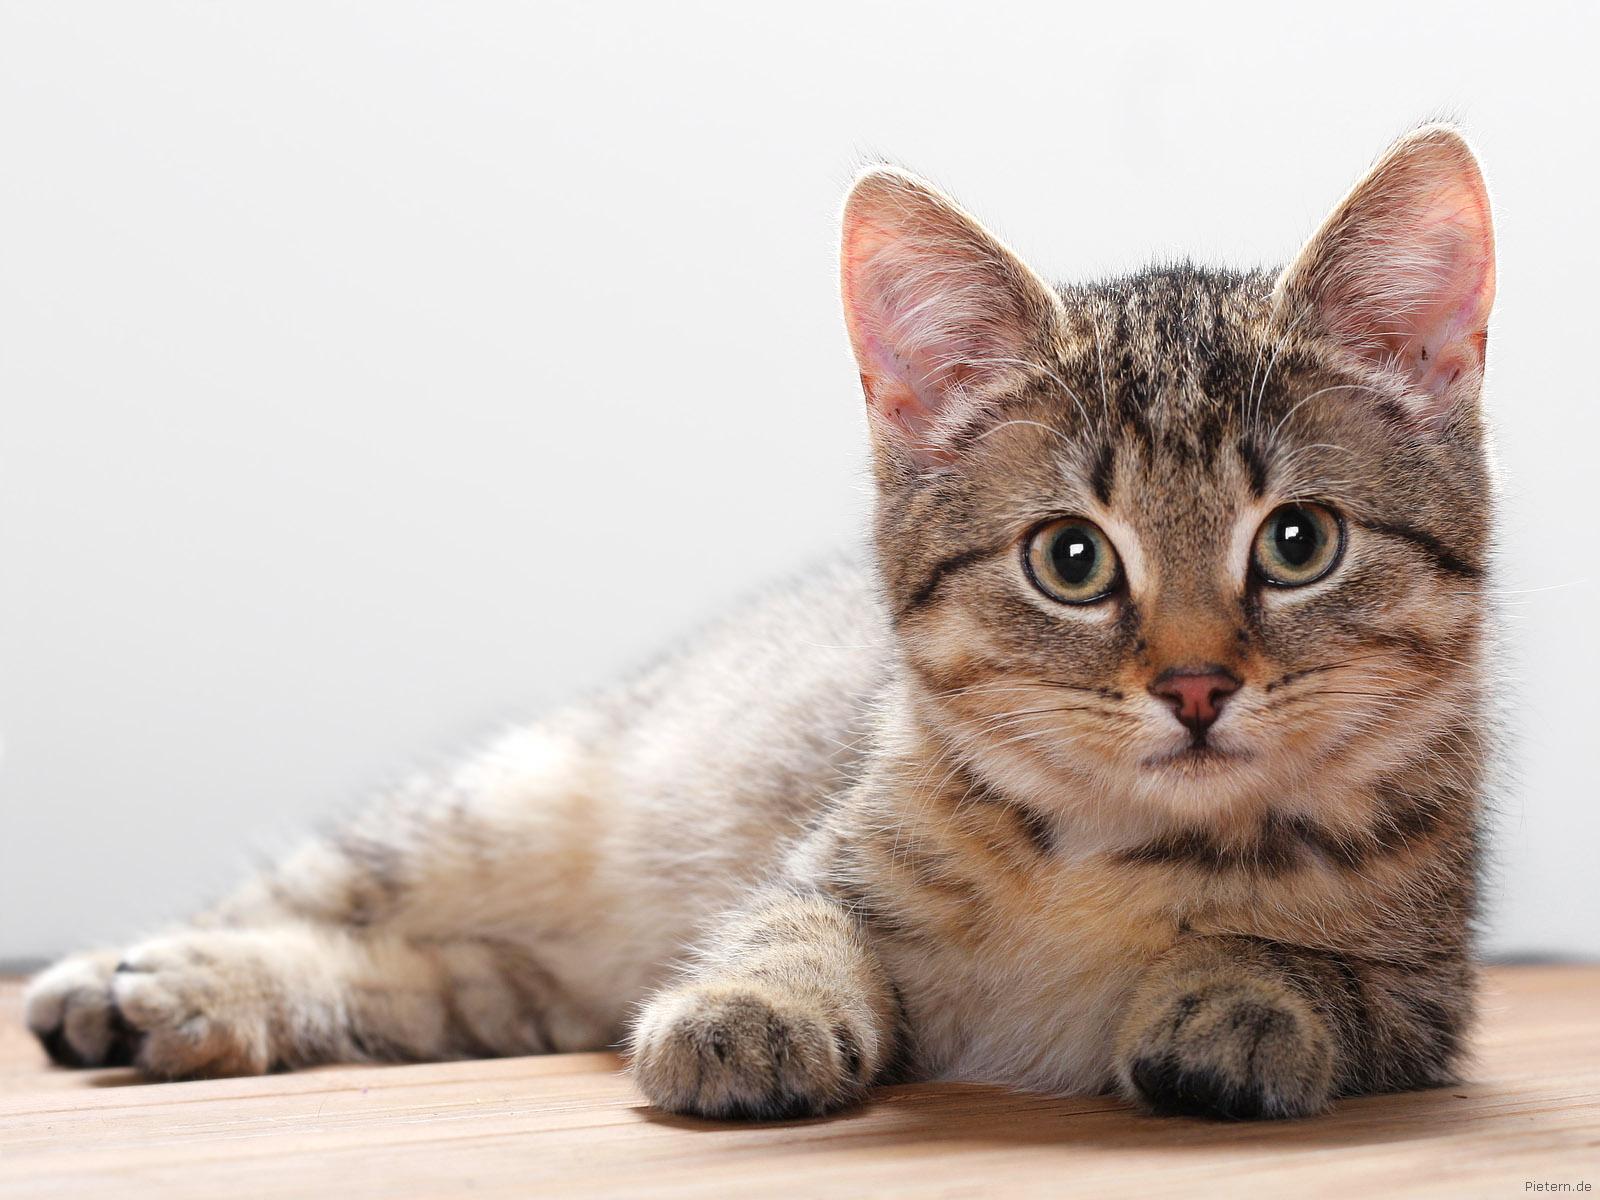 hd cat wallpaper cute cat wallpaper cat wallpaper baby cat wallpaper 1600x1200